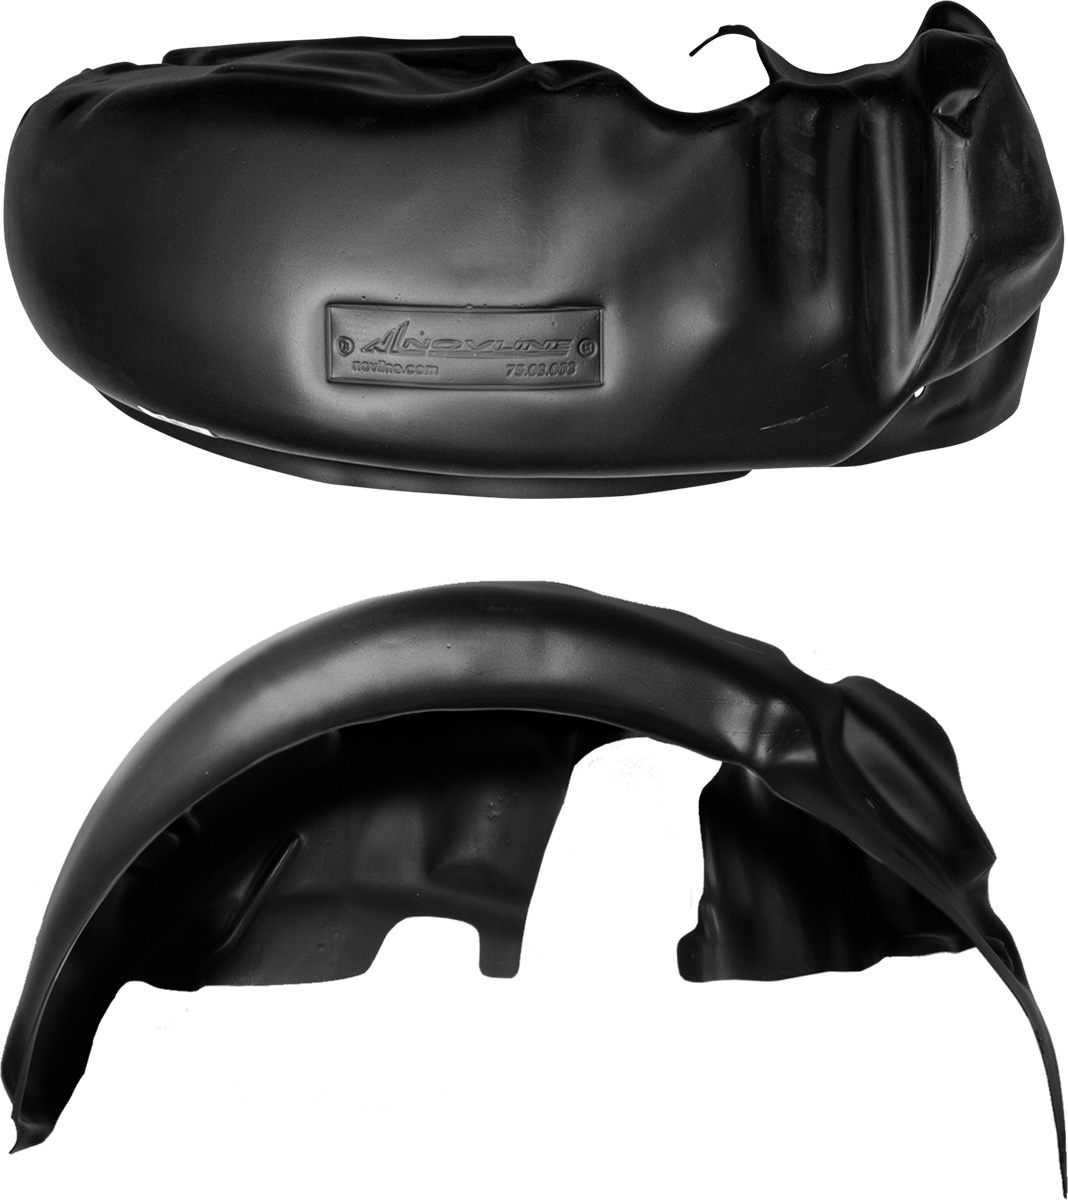 Подкрылок OPEL Astra H, 5D 2007->, хэтчбек, задний правый98298123_черныйКолесные ниши – одни из самых уязвимых зон днища вашего автомобиля. Они постоянно подвергаются воздействию со стороны дороги. Лучшая, почти абсолютная защита для них - специально отформованные пластиковые кожухи, которые называются подкрылками, или локерами. Производятся они как для отечественных моделей автомобилей, так и для иномарок. Подкрылки выполнены из высококачественного, экологически чистого пластика. Обеспечивают надежную защиту кузова автомобиля от пескоструйного эффекта и негативного влияния, агрессивных антигололедных реагентов. Пластик обладает более низкой теплопроводностью, чем металл, поэтому в зимний период эксплуатации использование пластиковых подкрылков позволяет лучше защитить колесные ниши от налипания снега и образования наледи. Оригинальность конструкции подчеркивает элегантность автомобиля, бережно защищает нанесенное на днище кузова антикоррозийное покрытие и позволяет осуществить крепление подкрылков внутри колесной арки практически без дополнительного крепежа и сверления, не нарушая при этом лакокрасочного покрытия, что предотвращает возникновение новых очагов коррозии. Технология крепления подкрылков на иномарки принципиально отличается от крепления на российские автомобили и разрабатывается индивидуально для каждой модели автомобиля. Подкрылки долговечны, обладают высокой прочностью и сохраняют заданную форму, а также все свои физико-механические характеристики в самых тяжелых климатических условиях ( от -50° С до + 50° С).